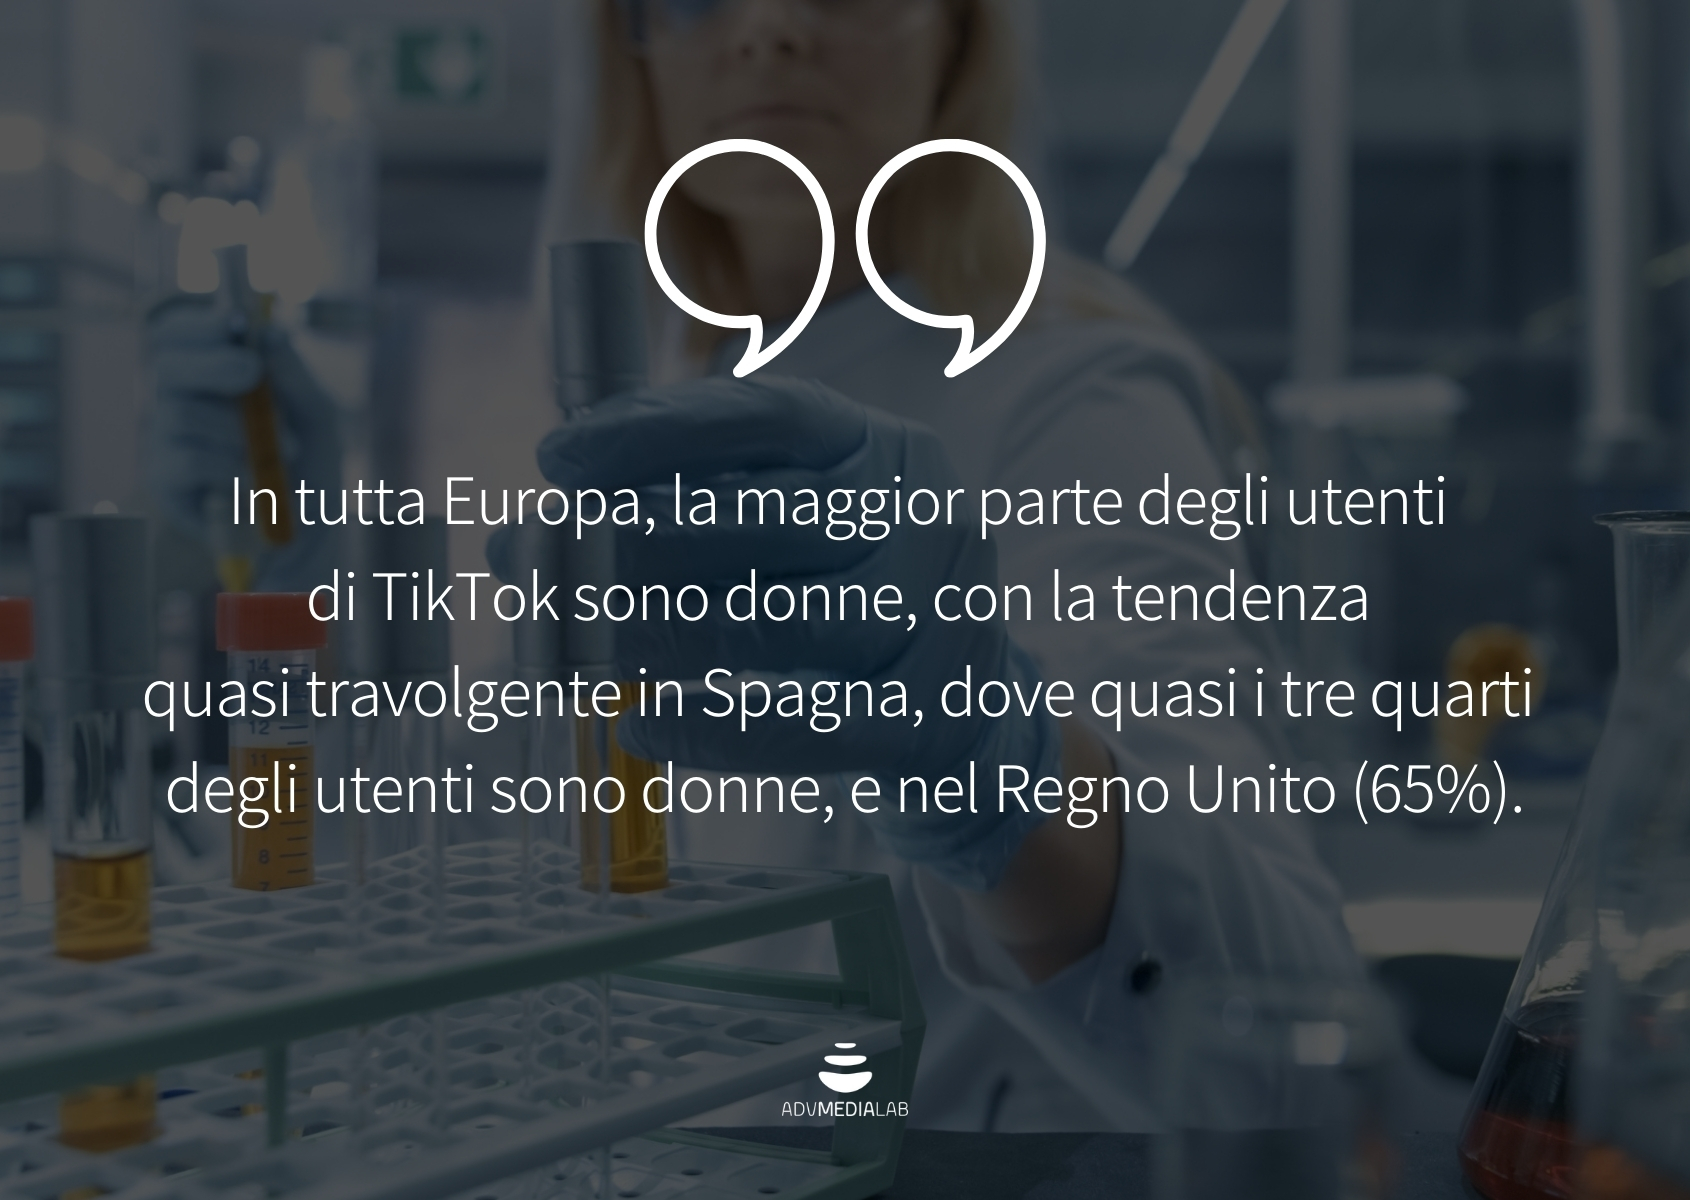 Citazione: In tutta Europa, la maggior parte degli utenti di TikTok sono donne, con la tendenza quasi travolgente in Spagna, dove quasi i tre quarti degli utenti sono donne, e nel Regno Unito (65%).